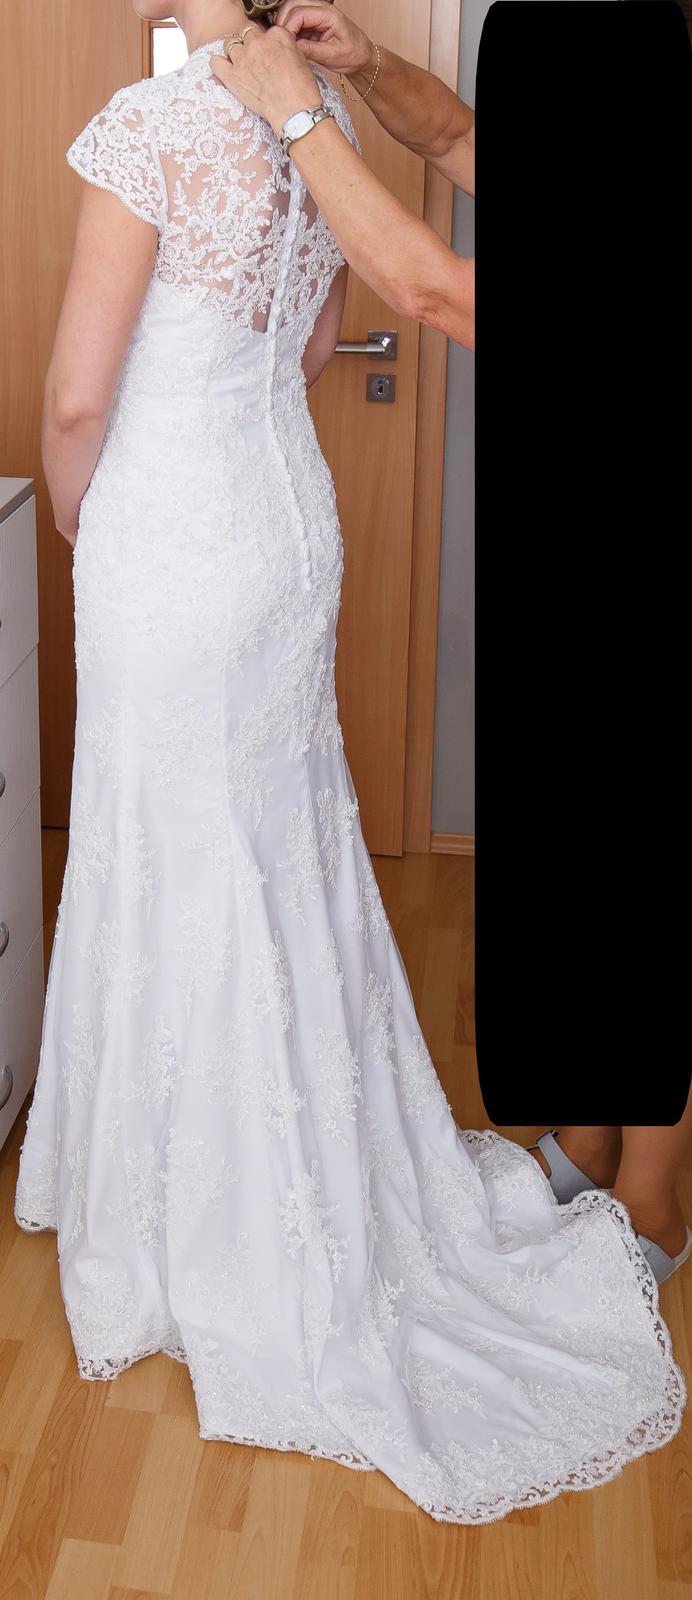 Svadobné šaty čipkované veľkosť 40-42 - Obrázok č. 1